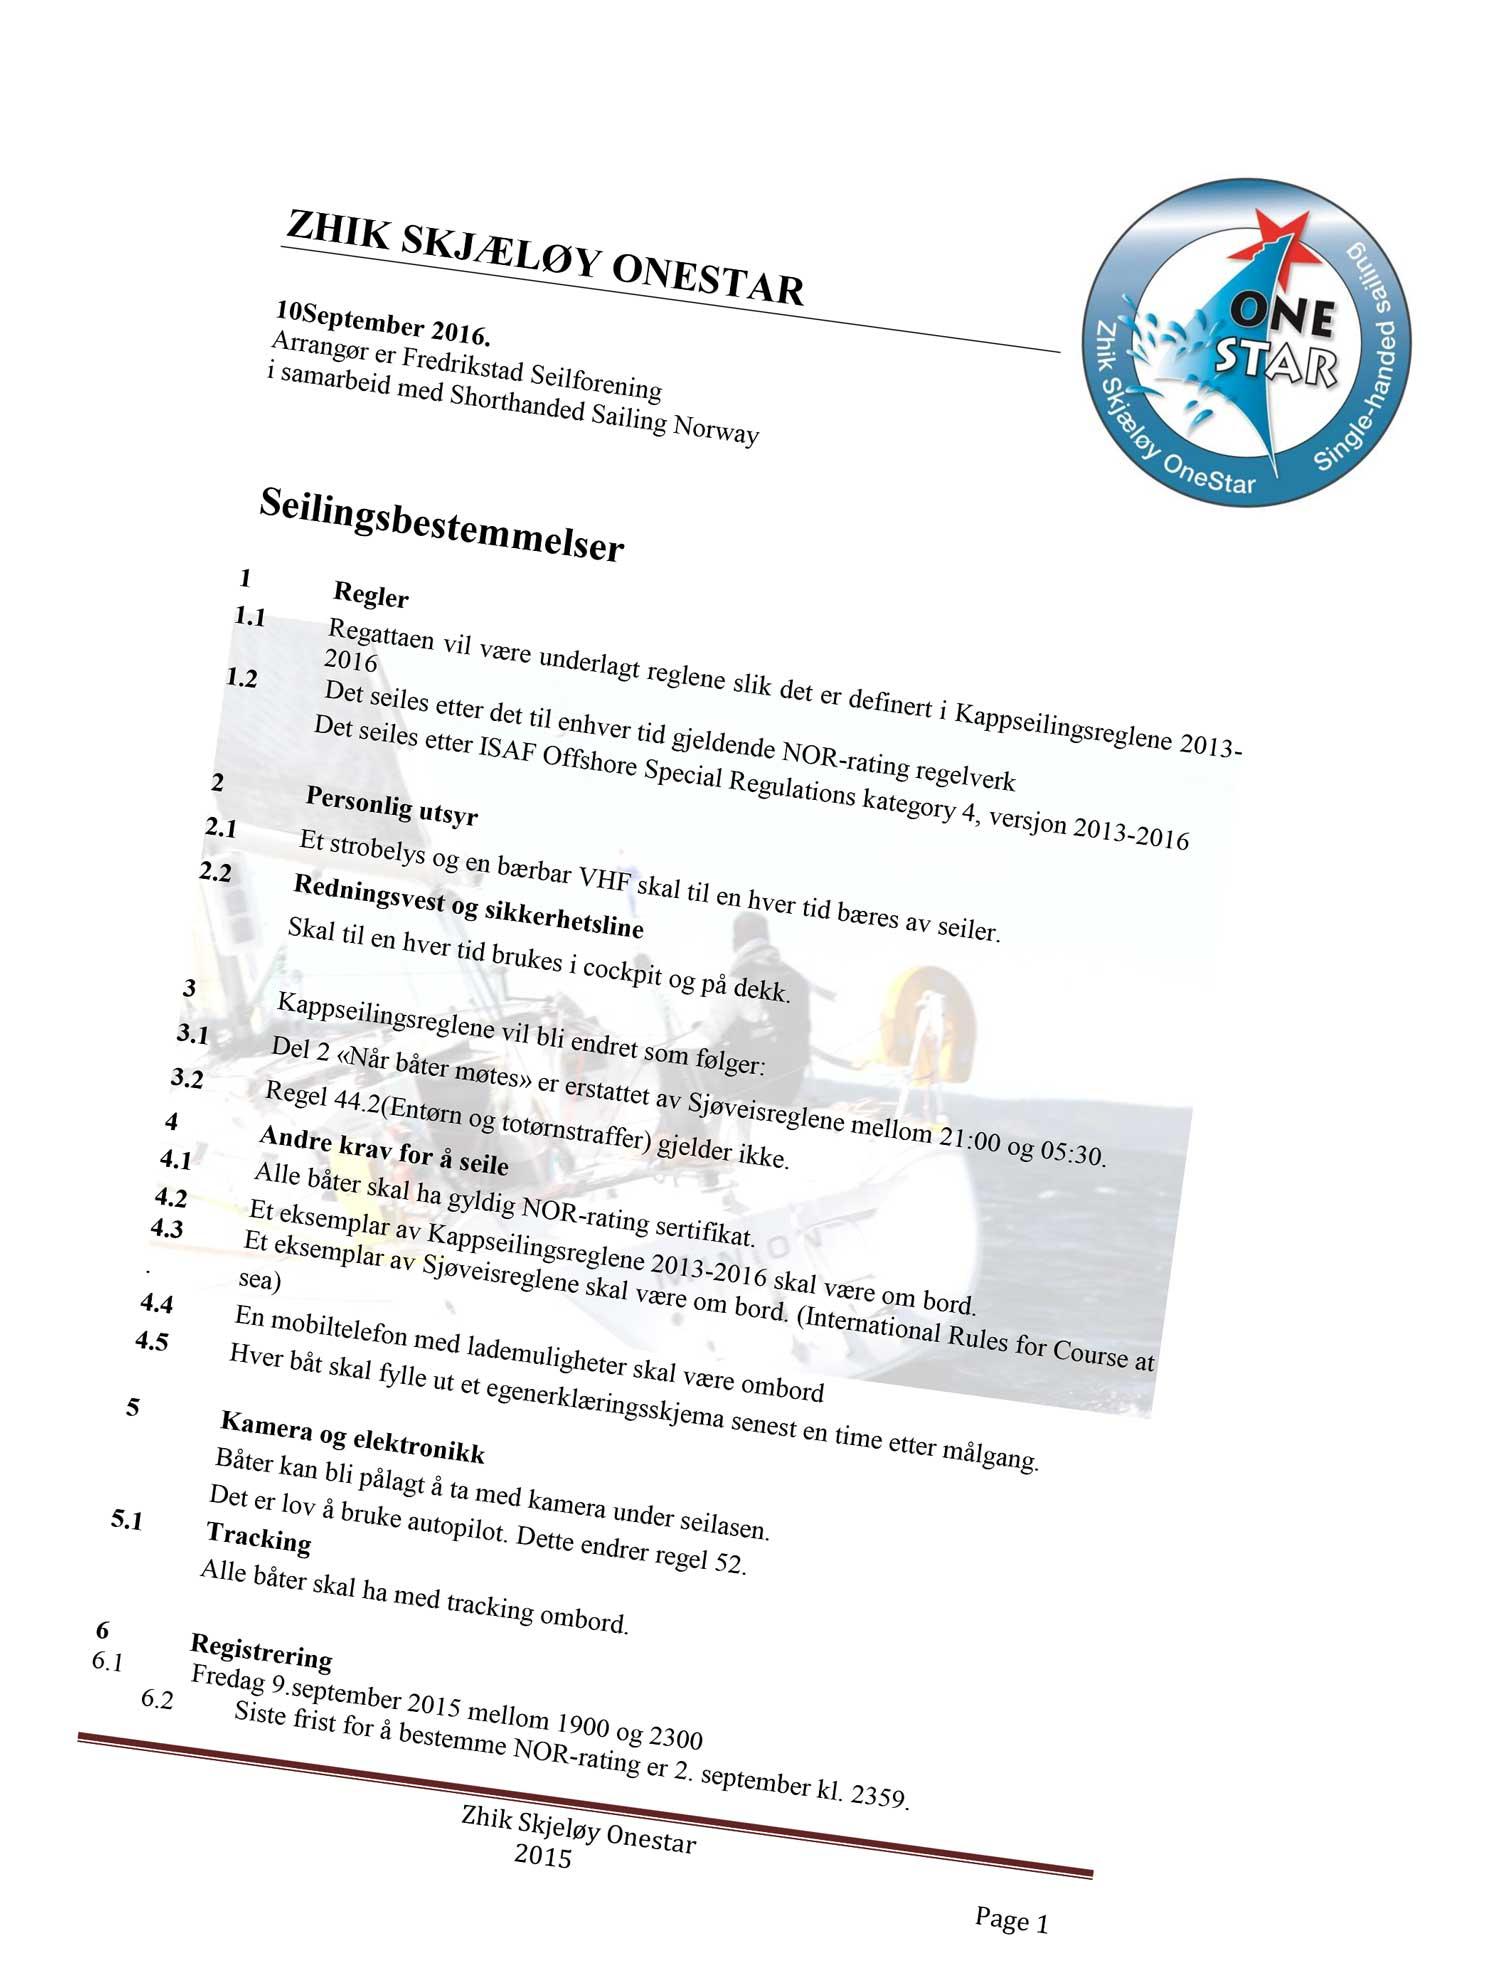 Zhik Skjæløy OneStar 10/9